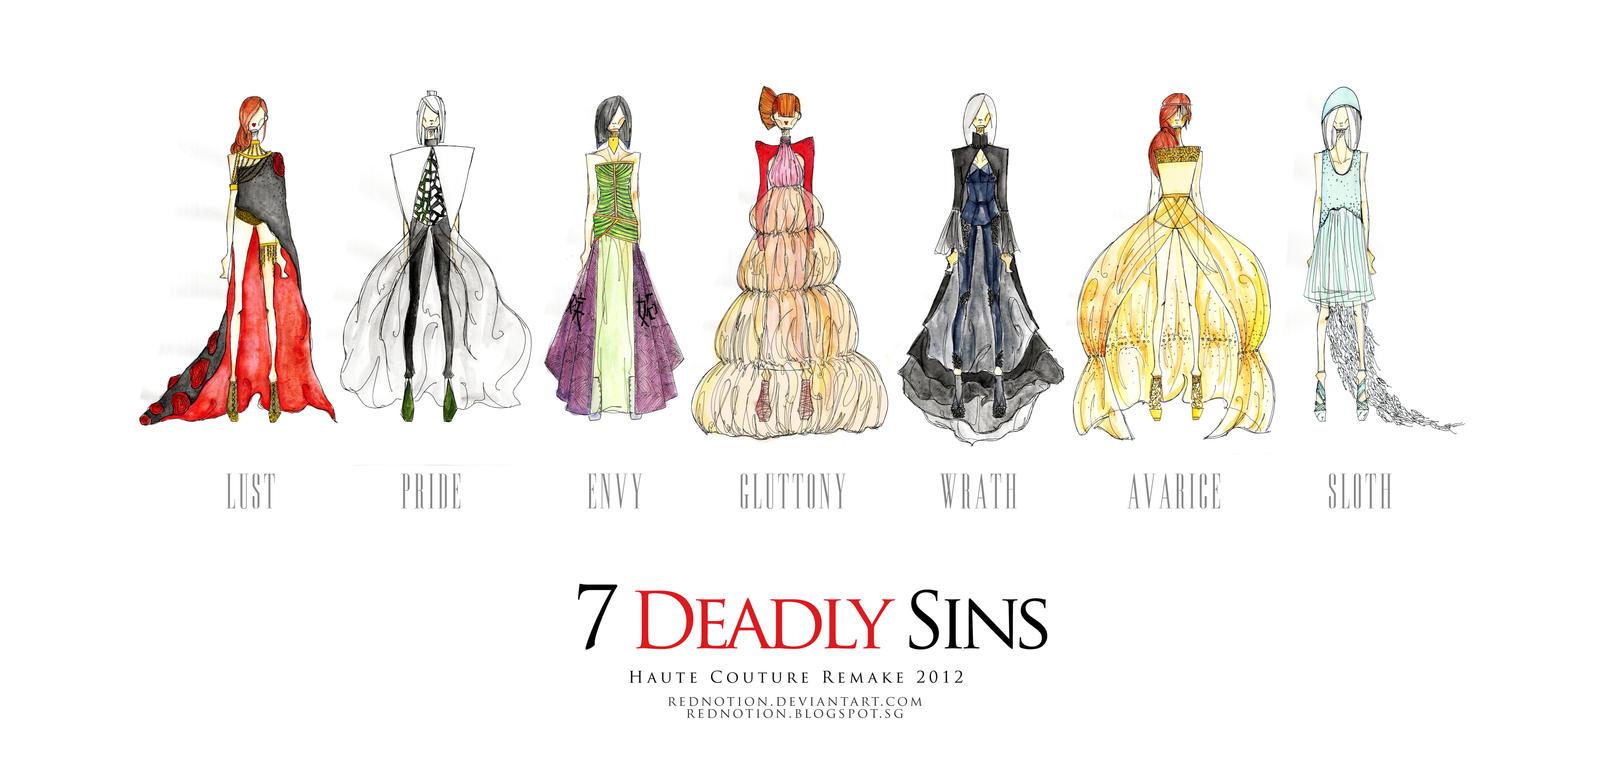 7 Deadly Sins Remake 2012 by rednotion